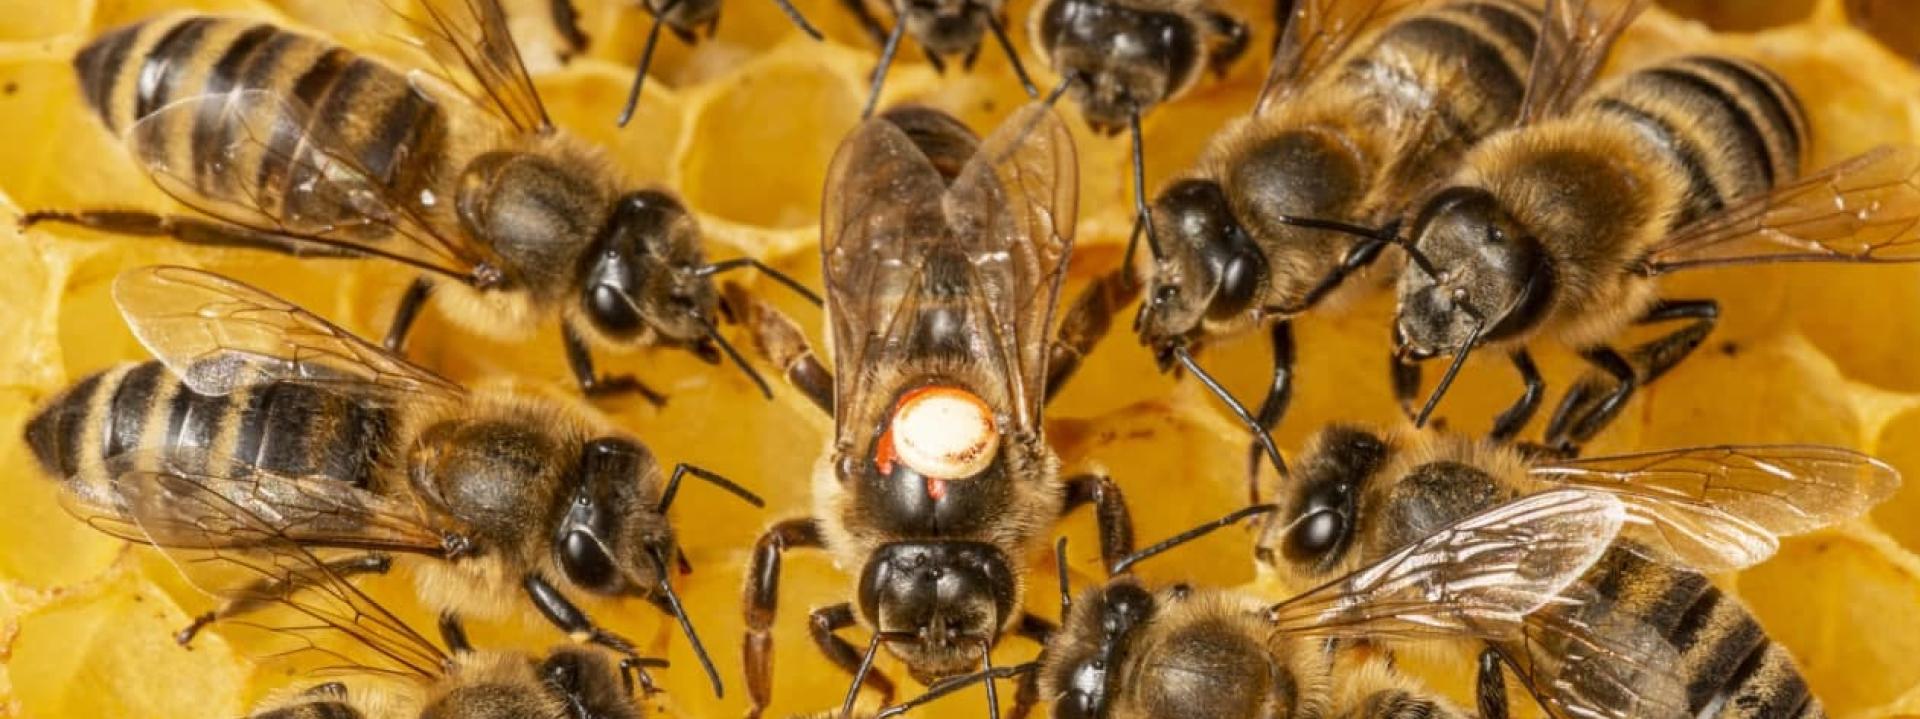 Вывод пчелиной матки – методы улучшения пчеломаток